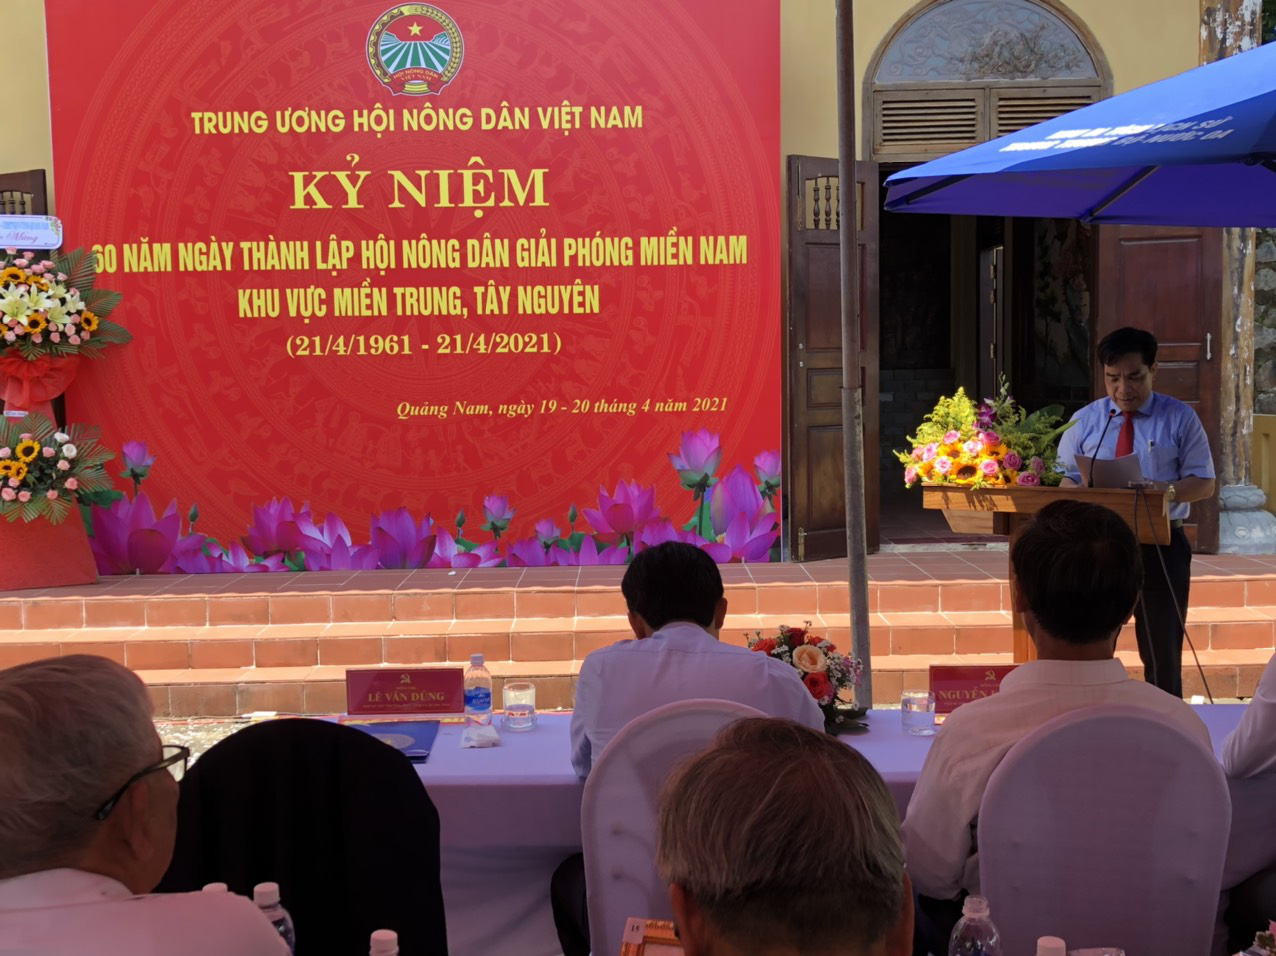 Trung ương Hội Nông dân Việt Nam về nguồn tưởng nhớ các anh hùng nông dân - Ảnh 9.